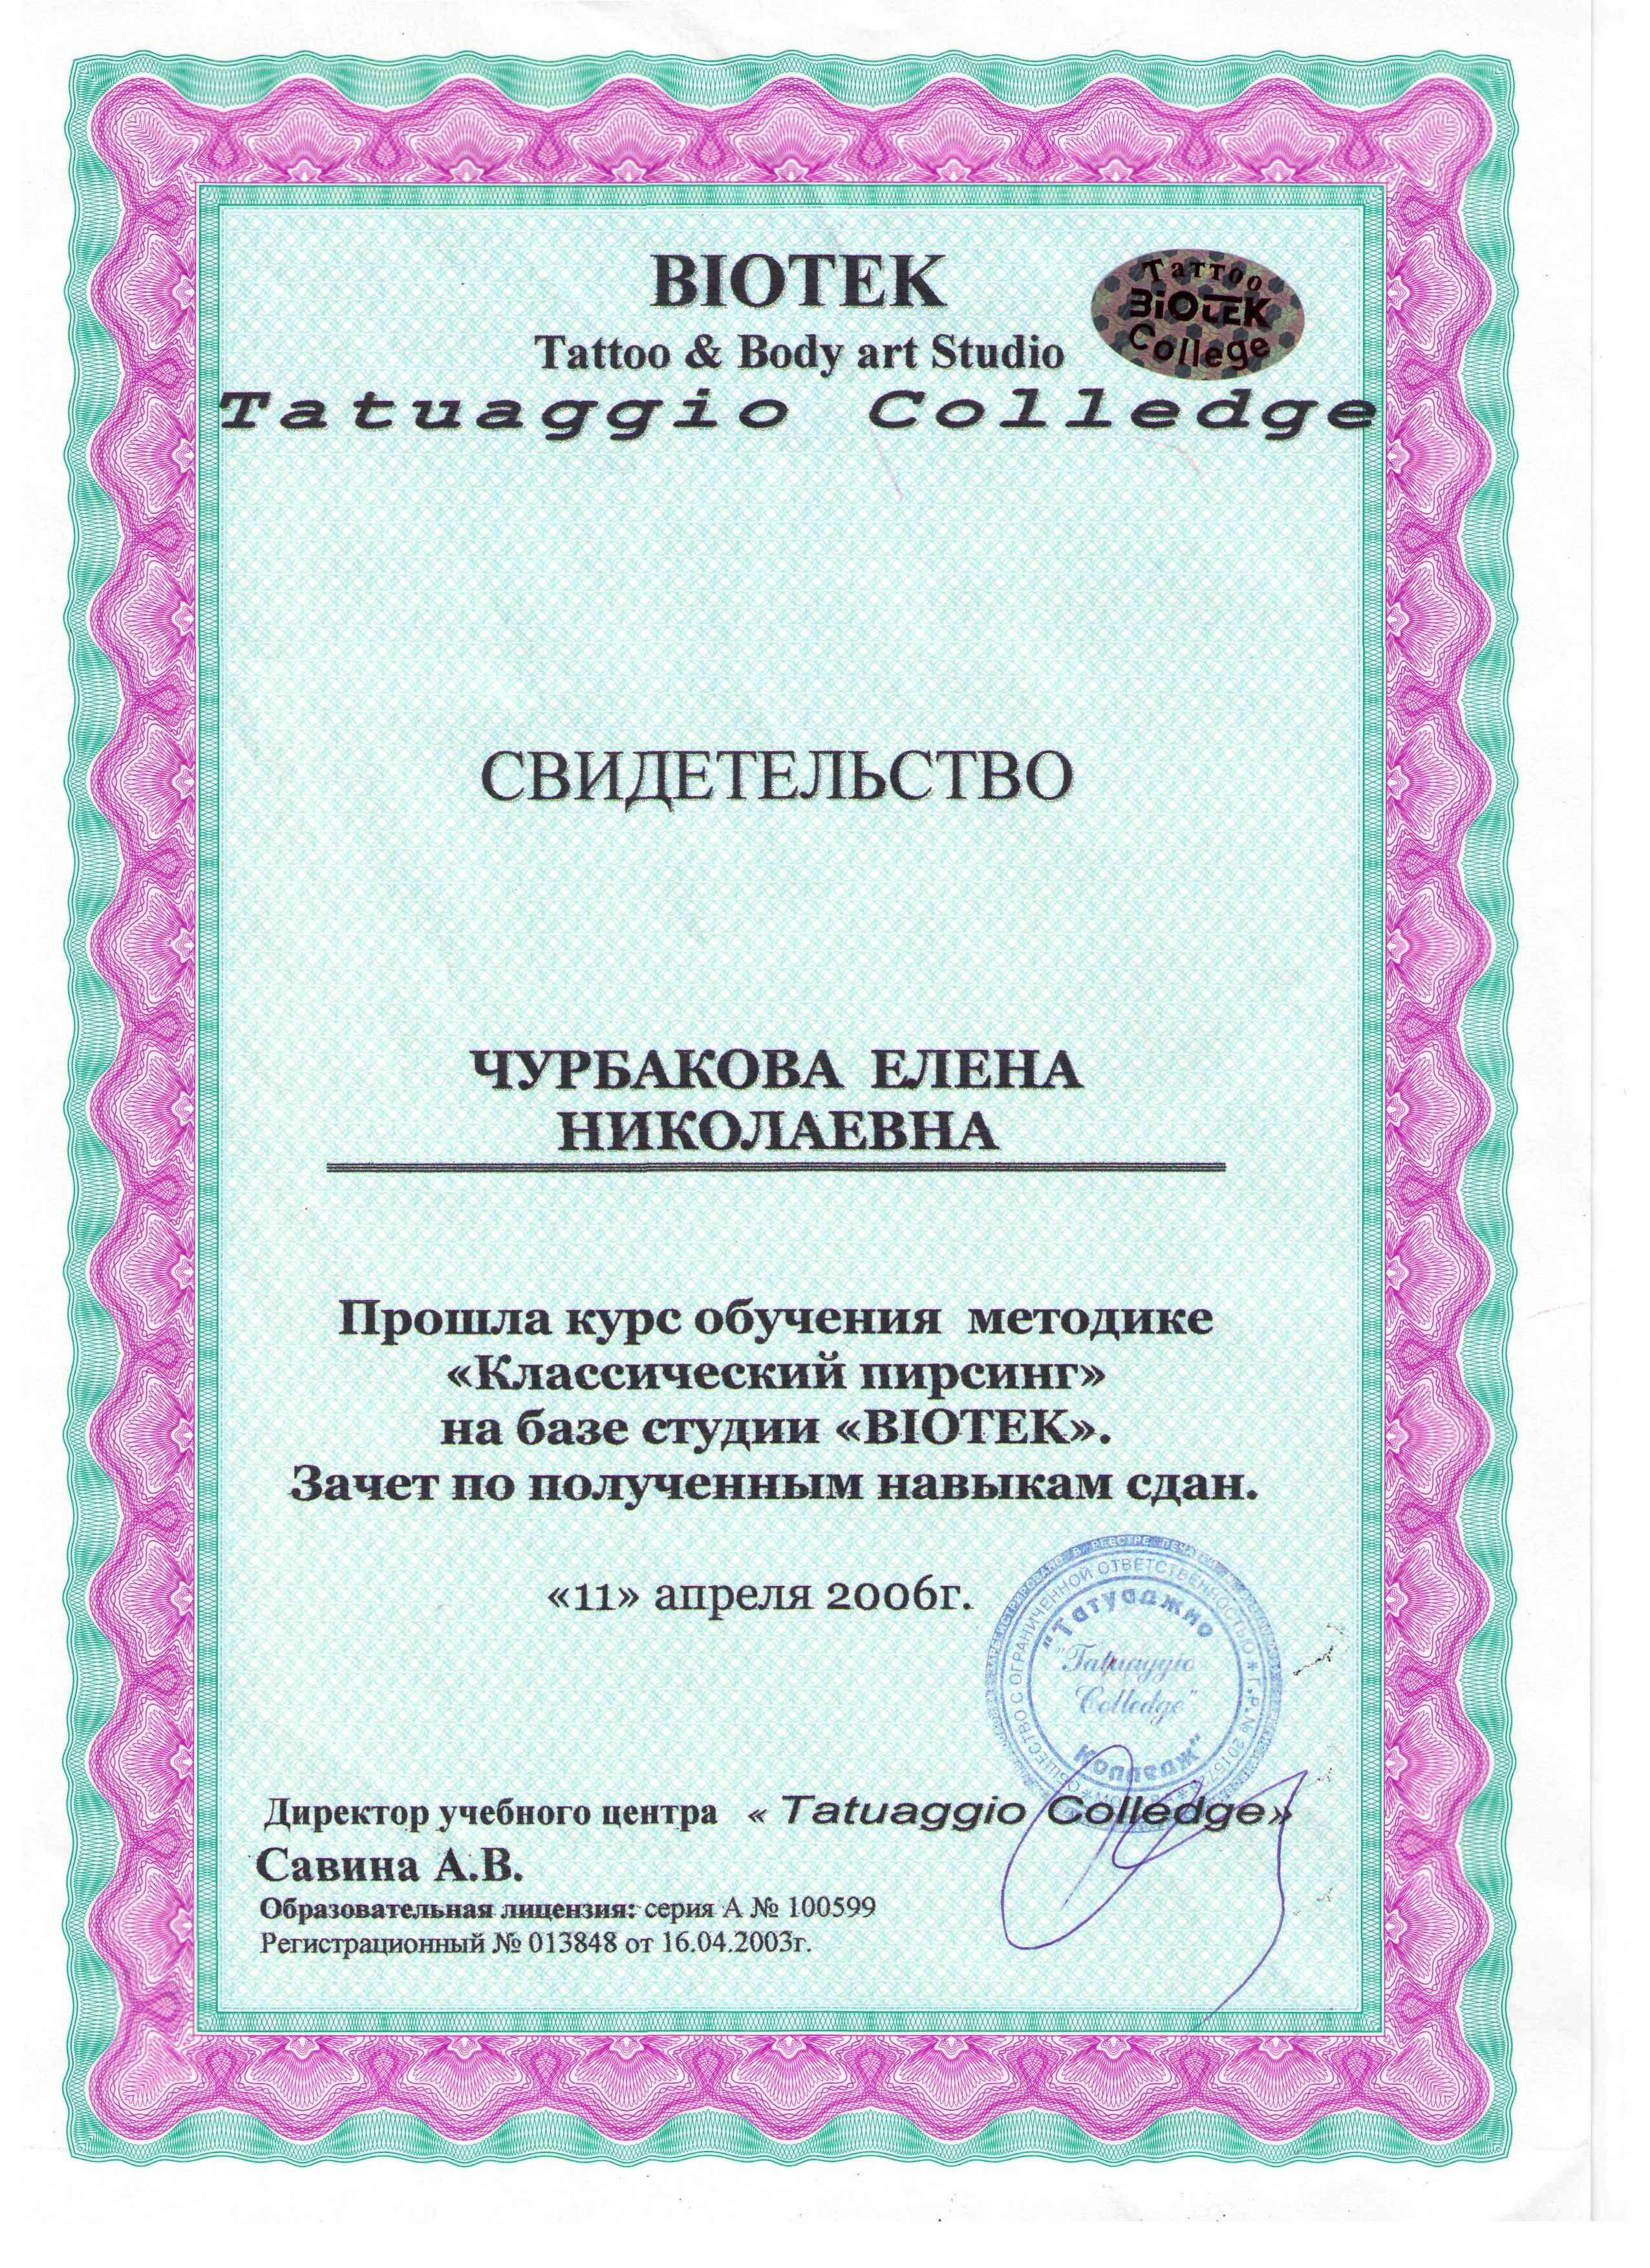 2006 пирсинг